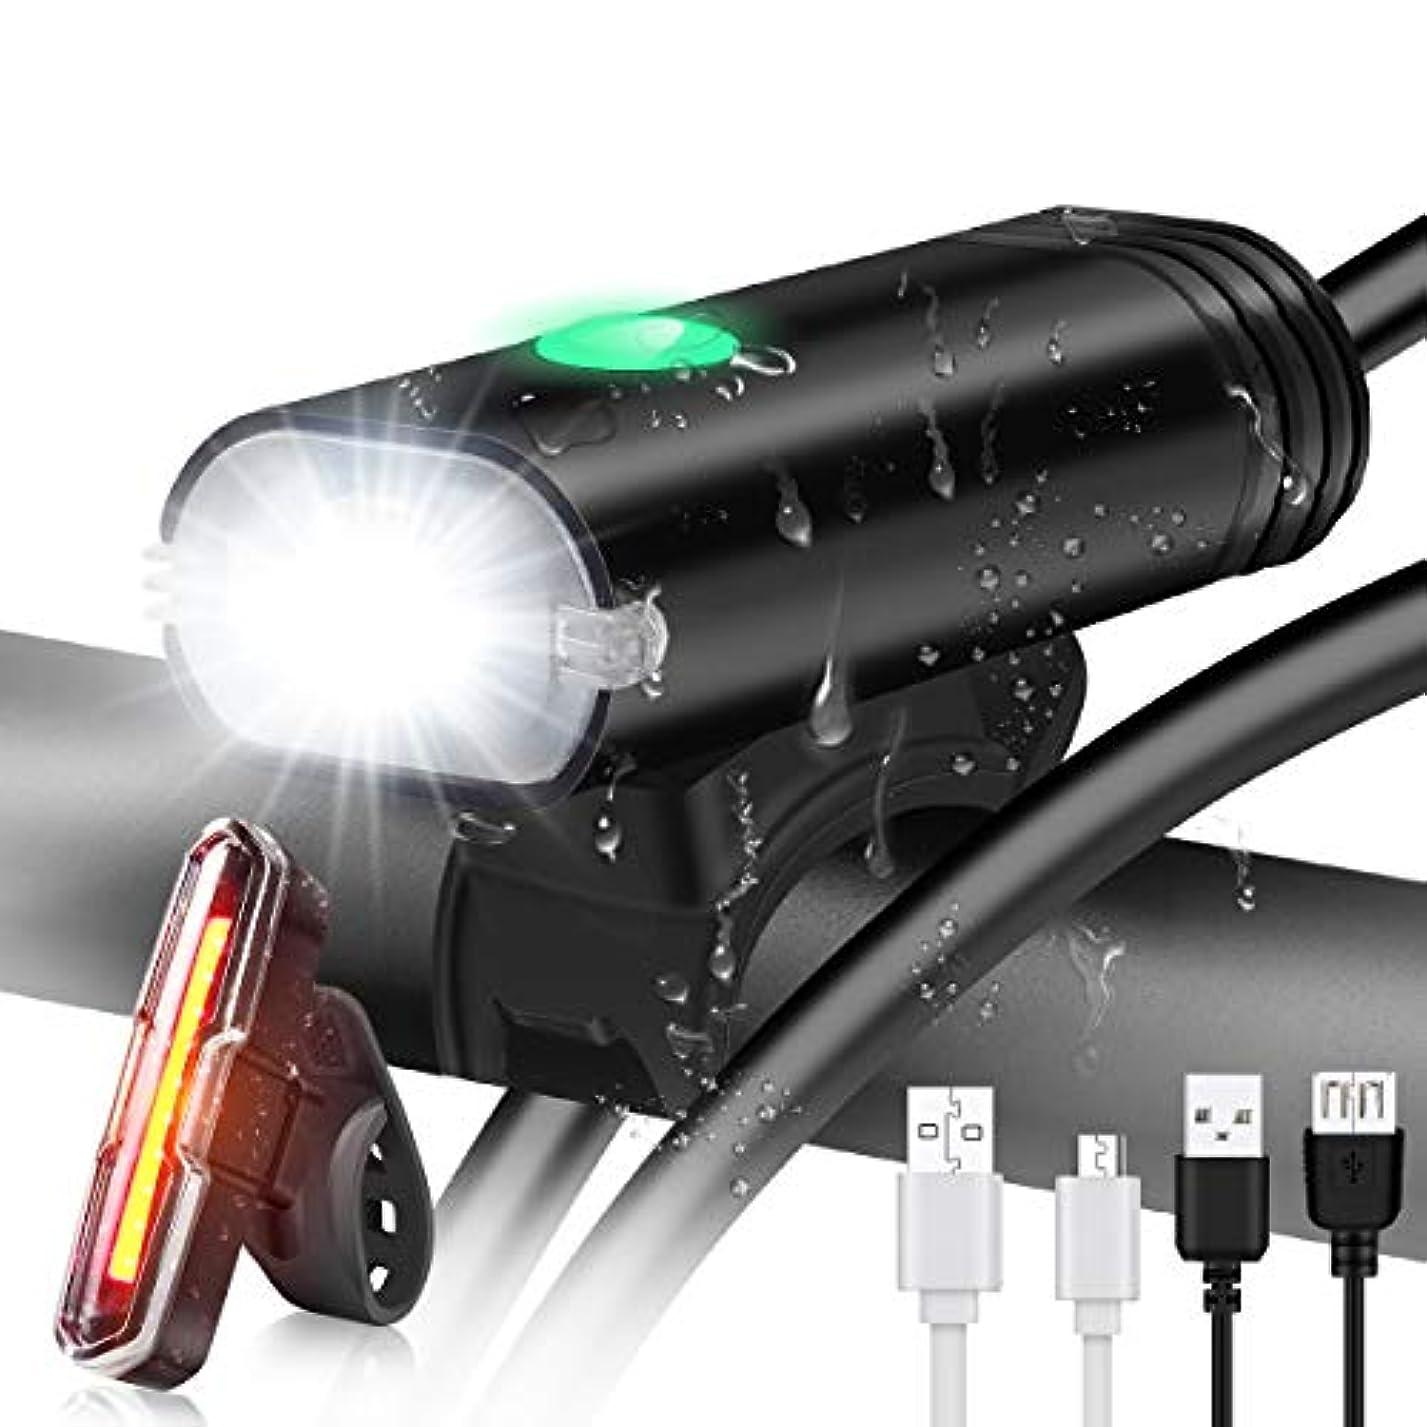 不承認忠実な焦がす自転車ライト USB充電式自転車ライトセット 高輝度LEDヘッドライトとテールライト マウンテンバイクとロードバイクのサイクリングに安全 ハイブリッド、ロード、MTBに対応 ナイトスポーツ用